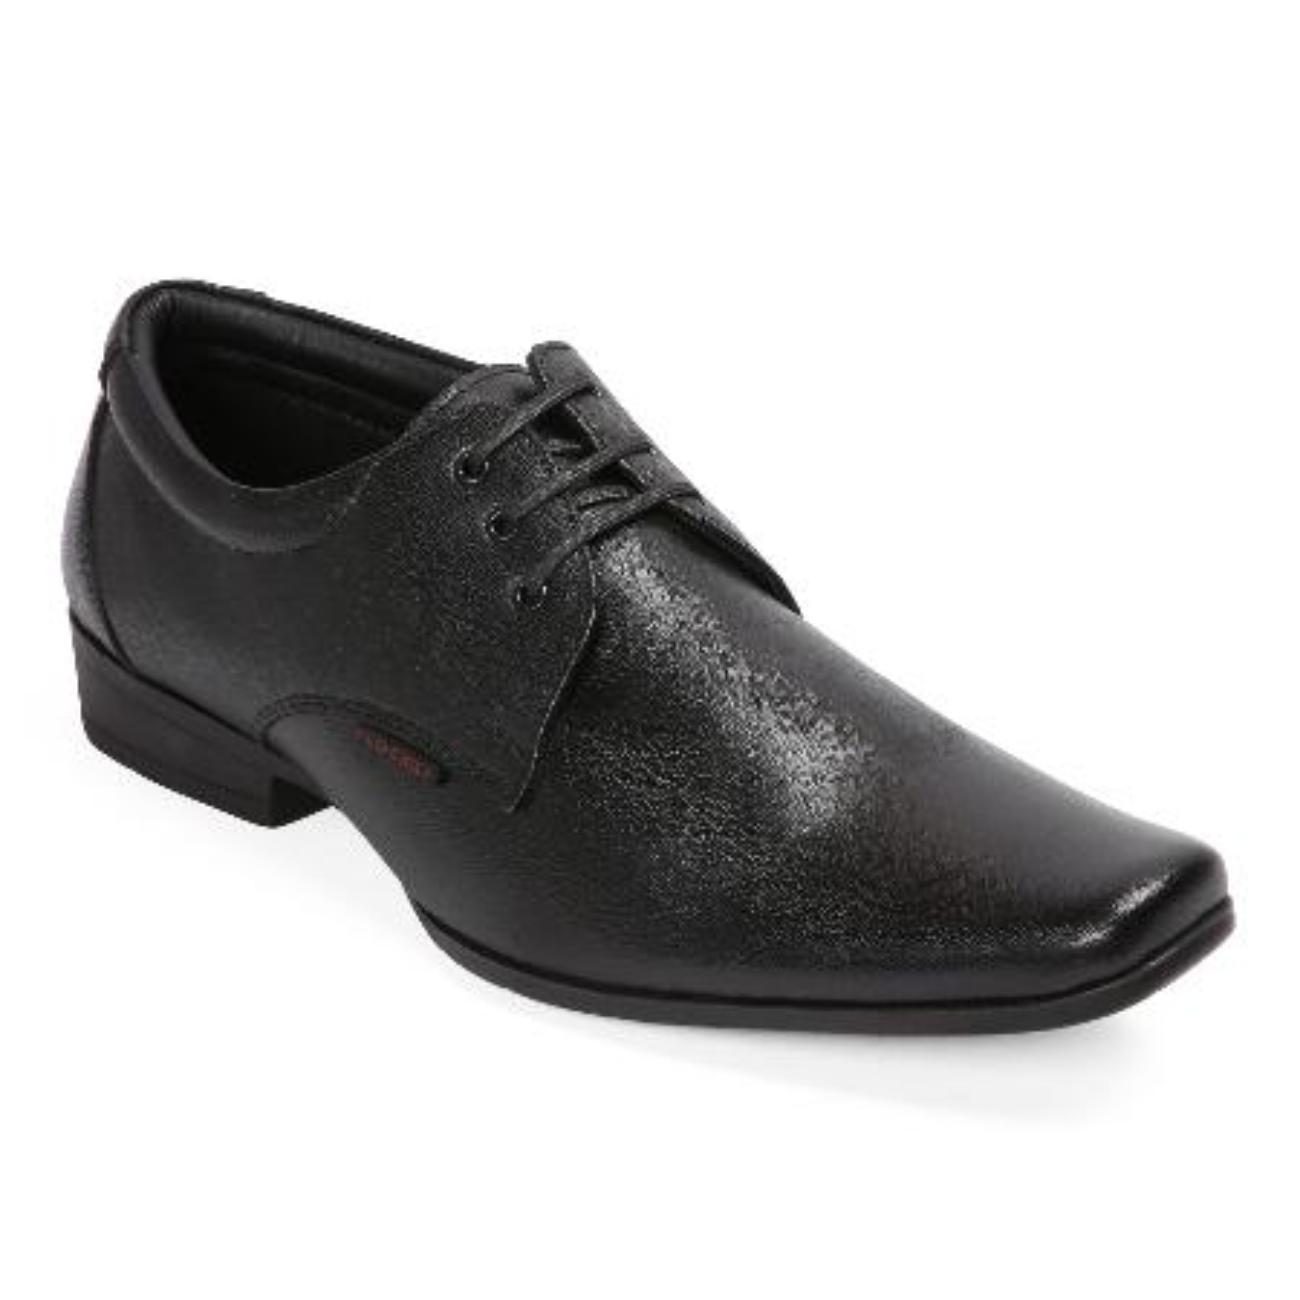 buy black formal shoes